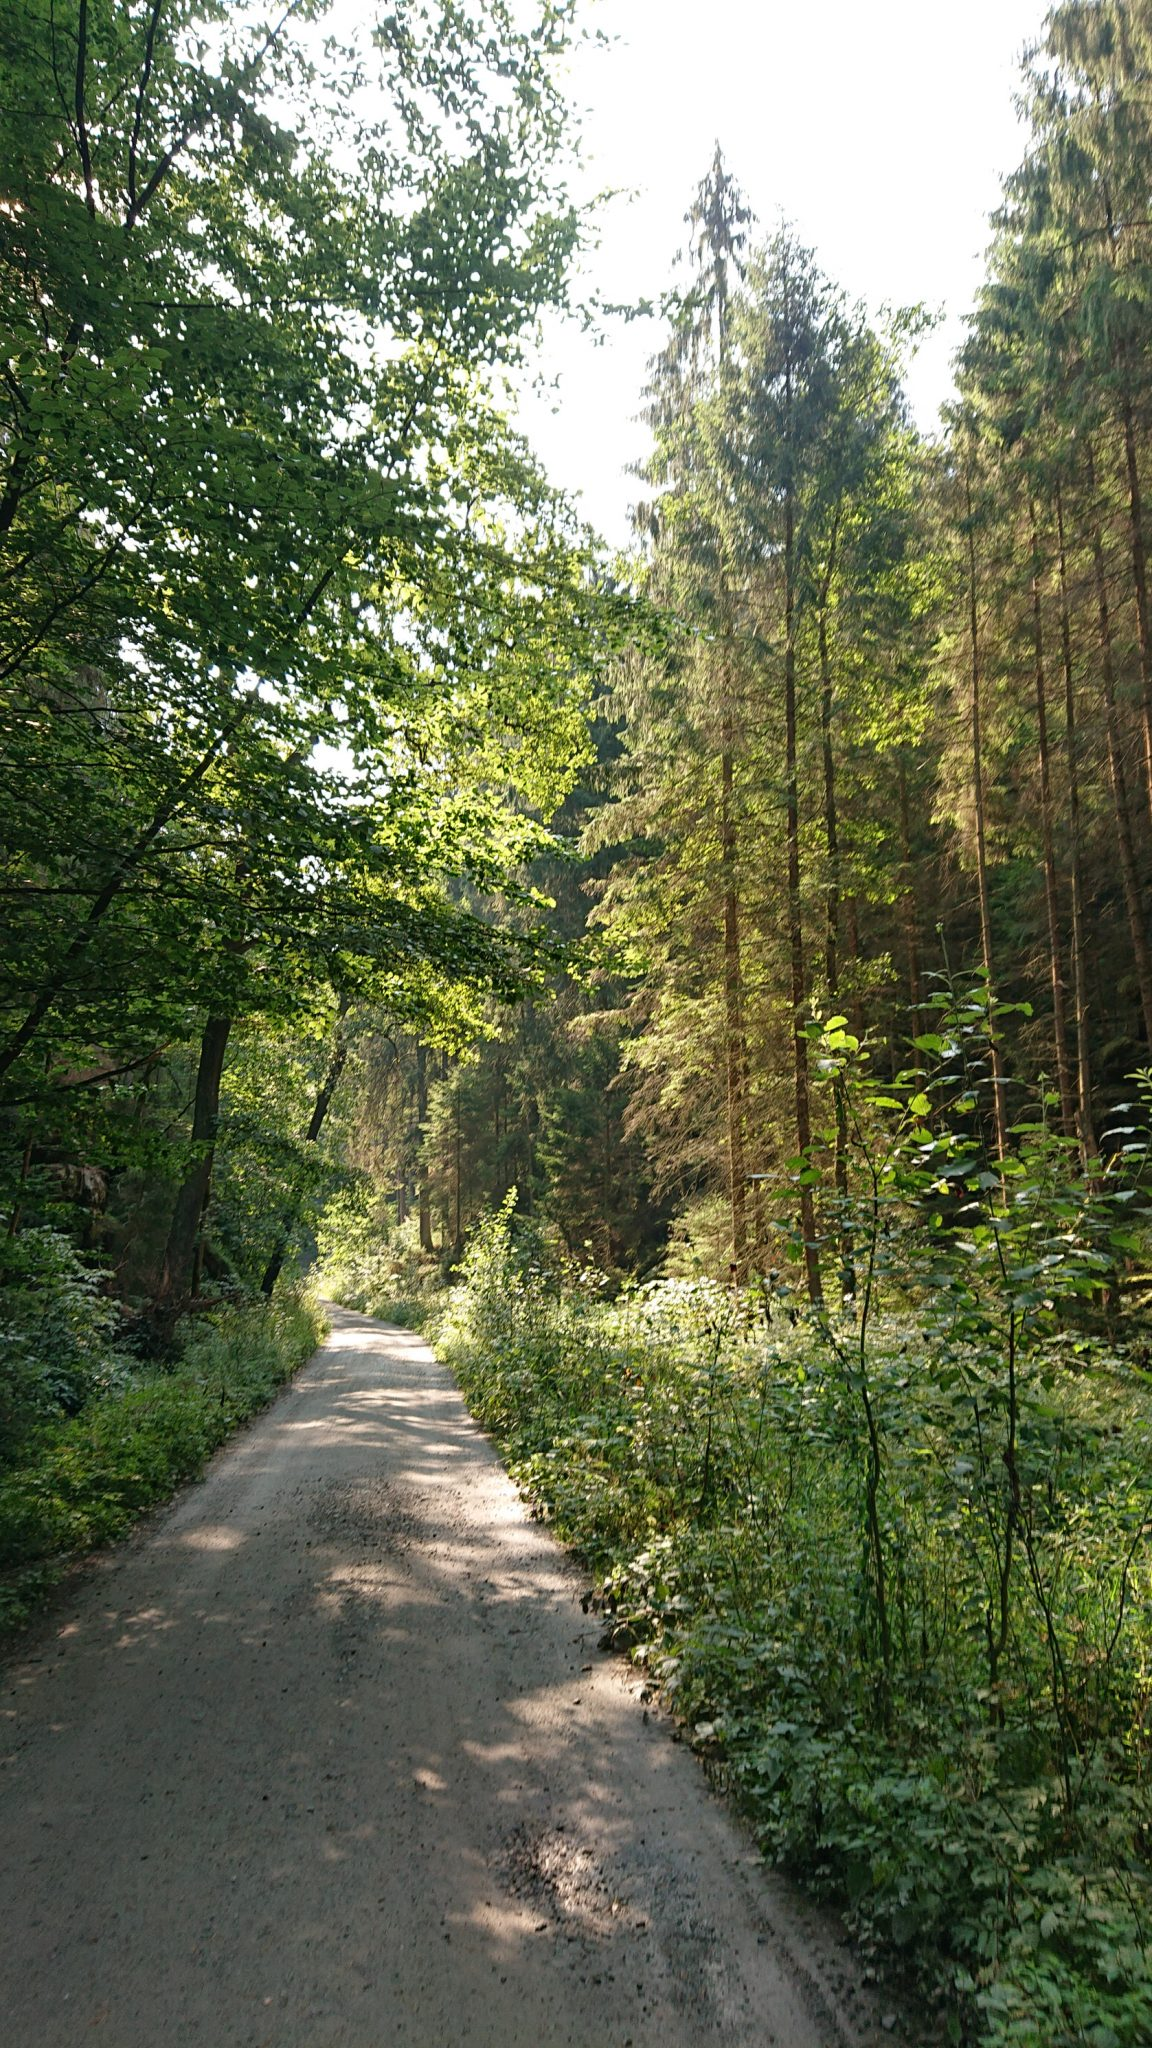 Zeughaus Hickelhöhle und Großer Reitsteig - im Kirnitzschtal wandern, Wanderweg im Wanderparadies Sächsische Schweiz mit vielen tollen Aussichten, riesiger Felsennationalpark, breiterer Wegabschnitt beim großen Zschand